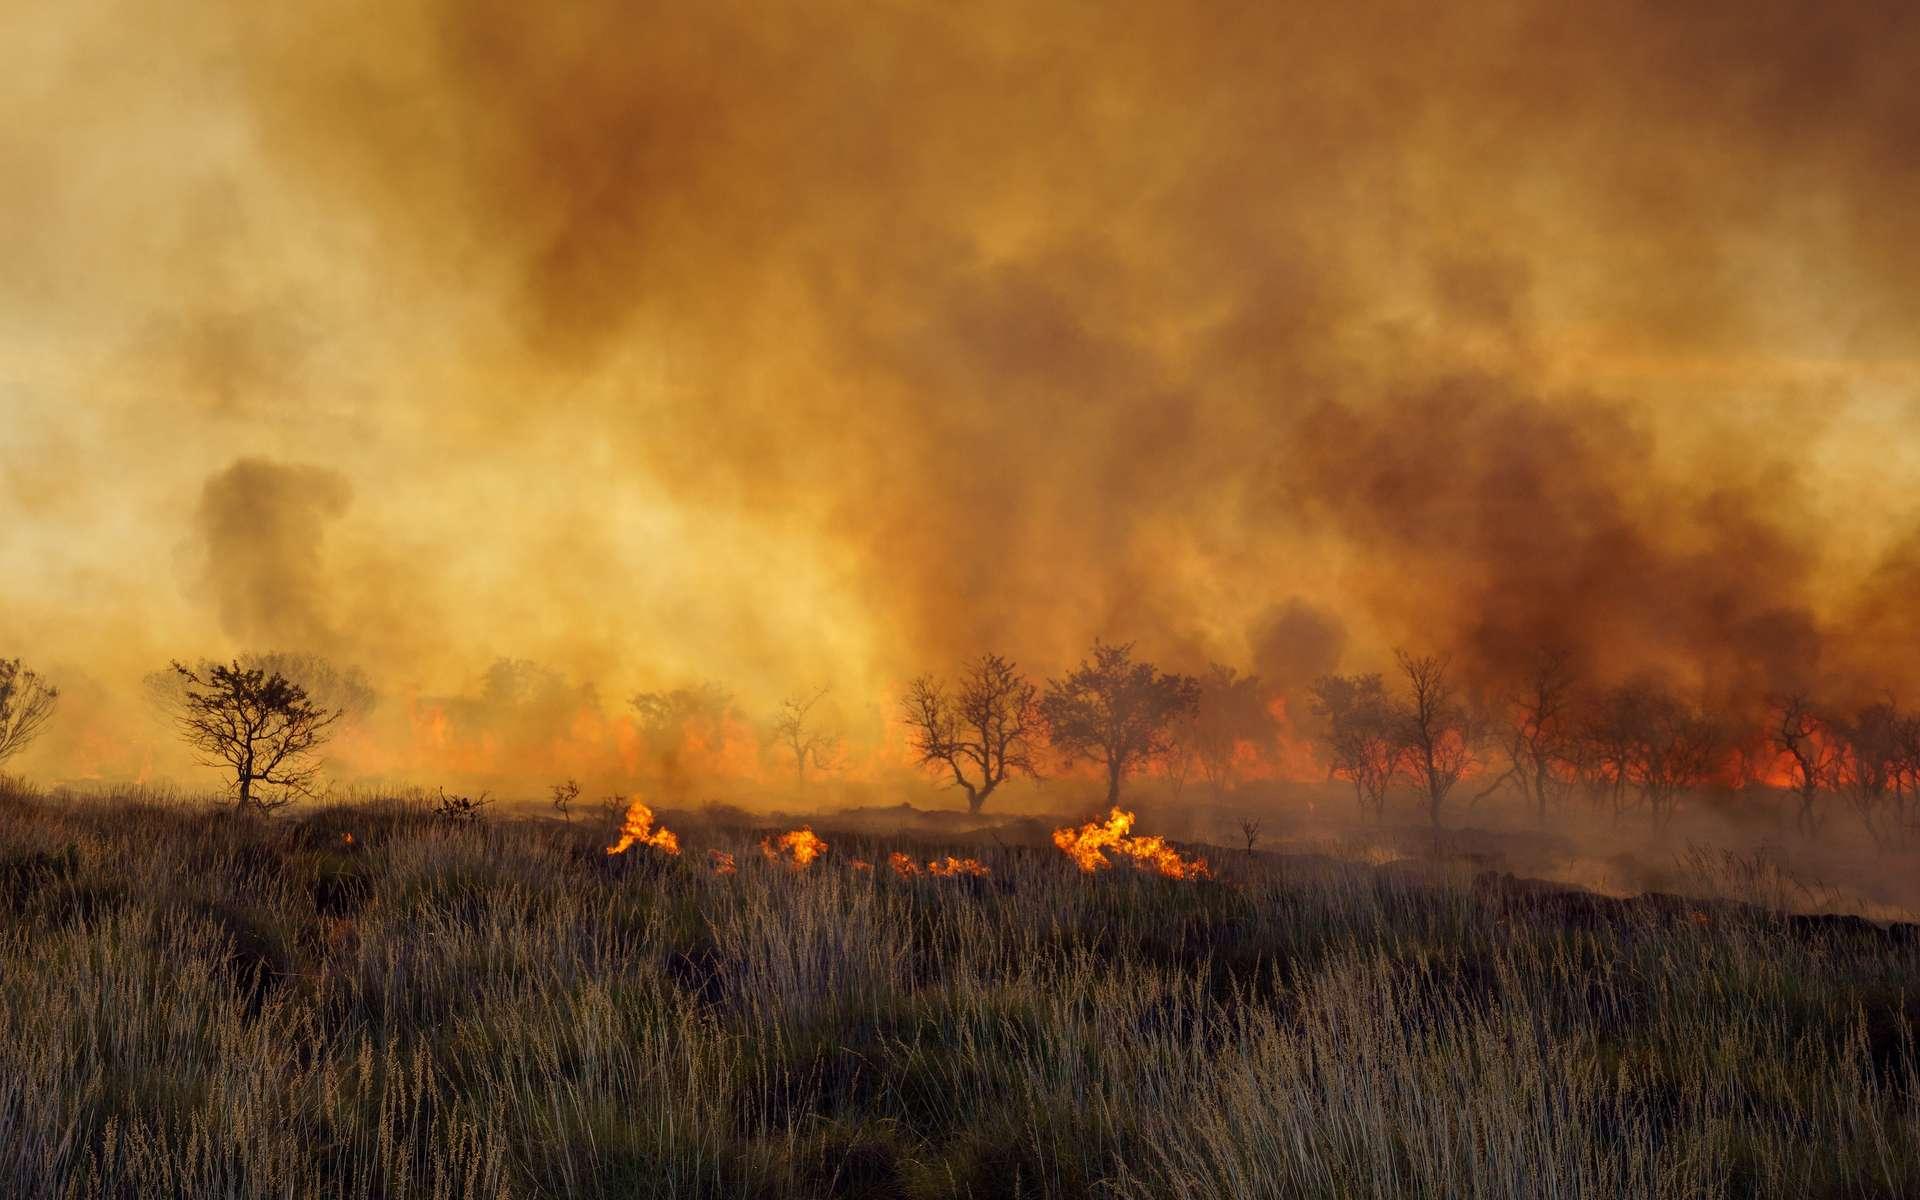 Incendies en Australie : probablement des milliards d'animaux sont morts